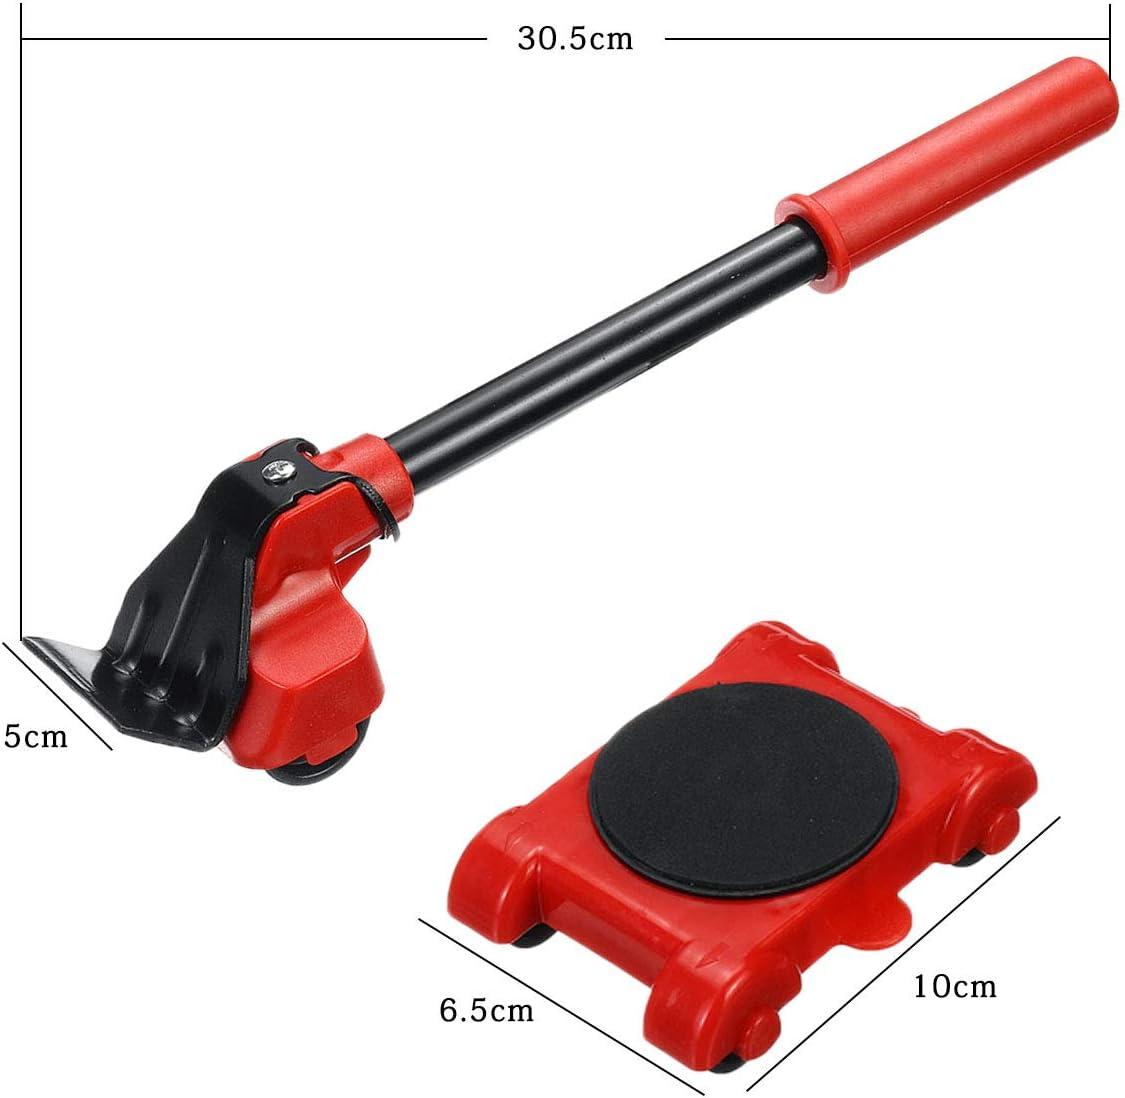 GEMITTO Juego de ruedas deslizantes para muebles pesados de, kit de rodillos para mover muebles; juego de herramientas para levantar muebles 4 ruedas almohadillas giratorias de 360 grados